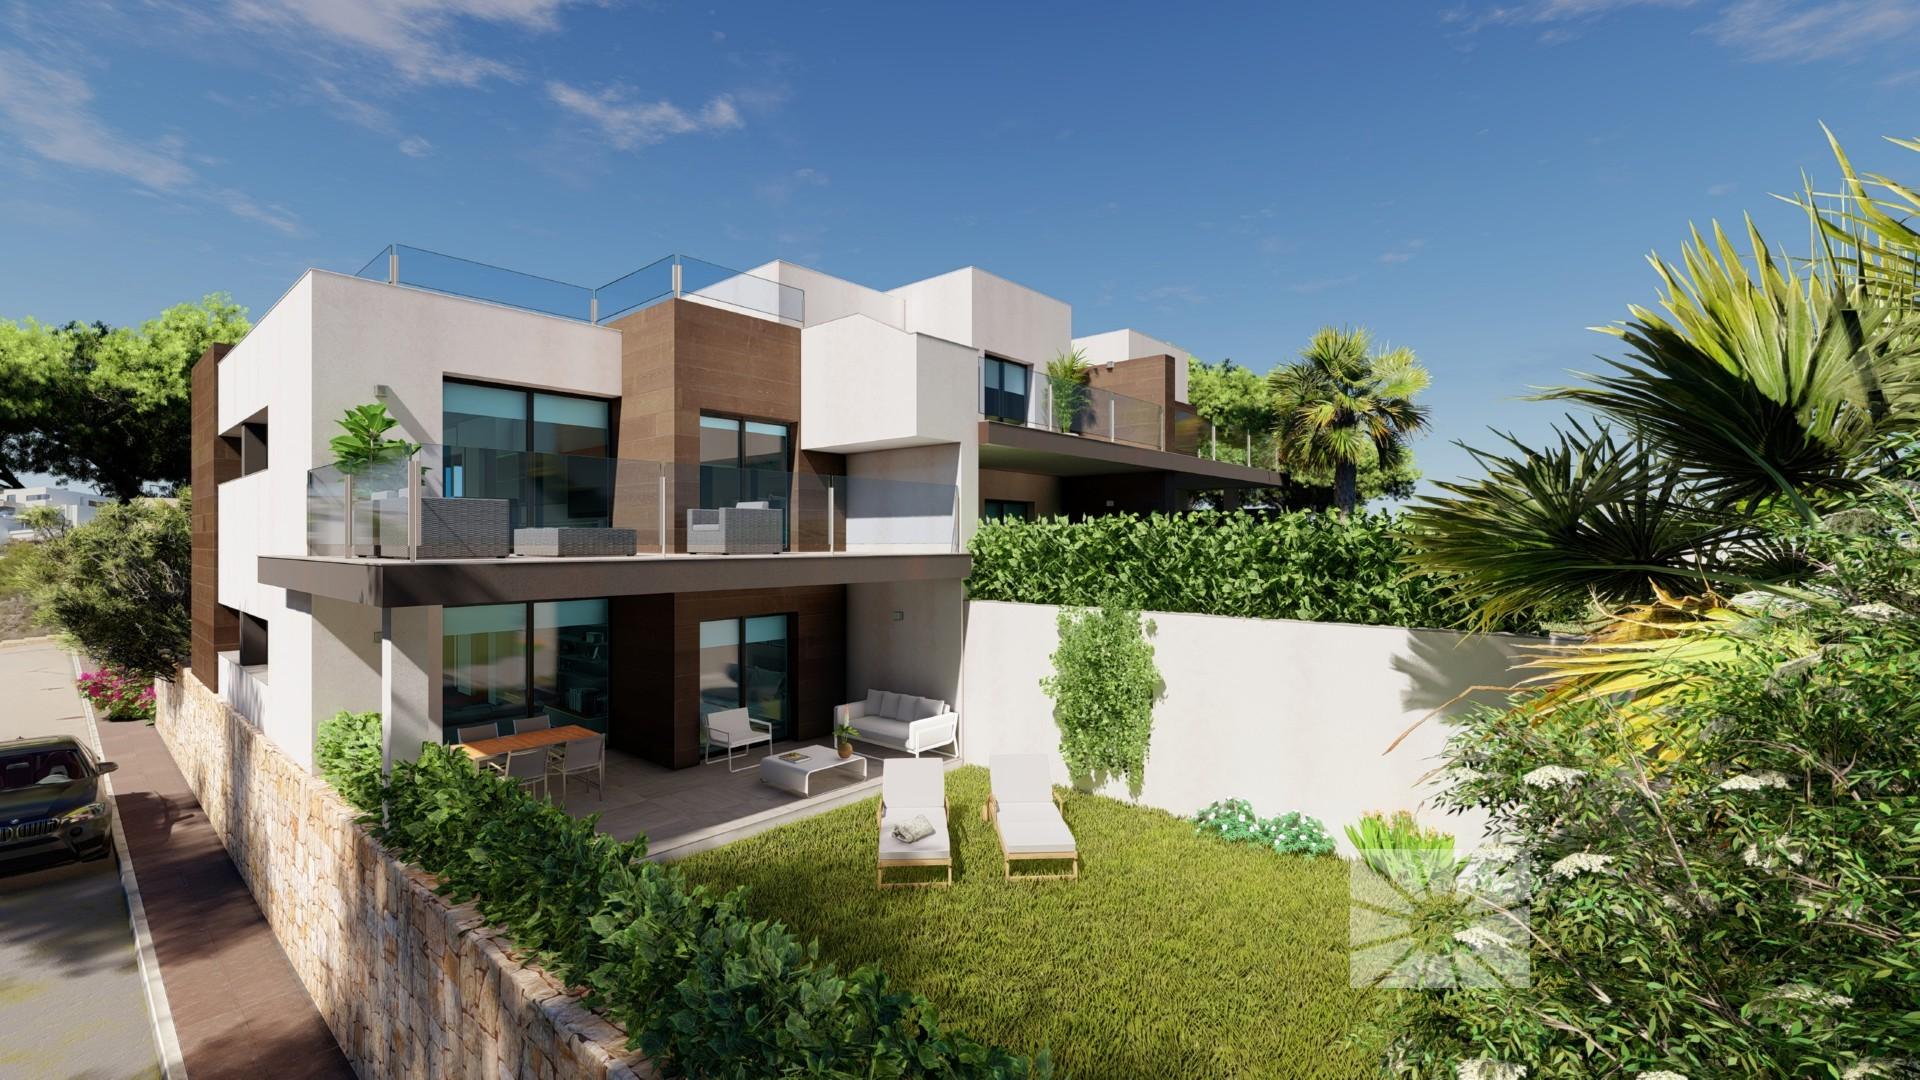 BALKONLIEBE: 6 Neubau Luxus-Apartmens an der Costa Blanca